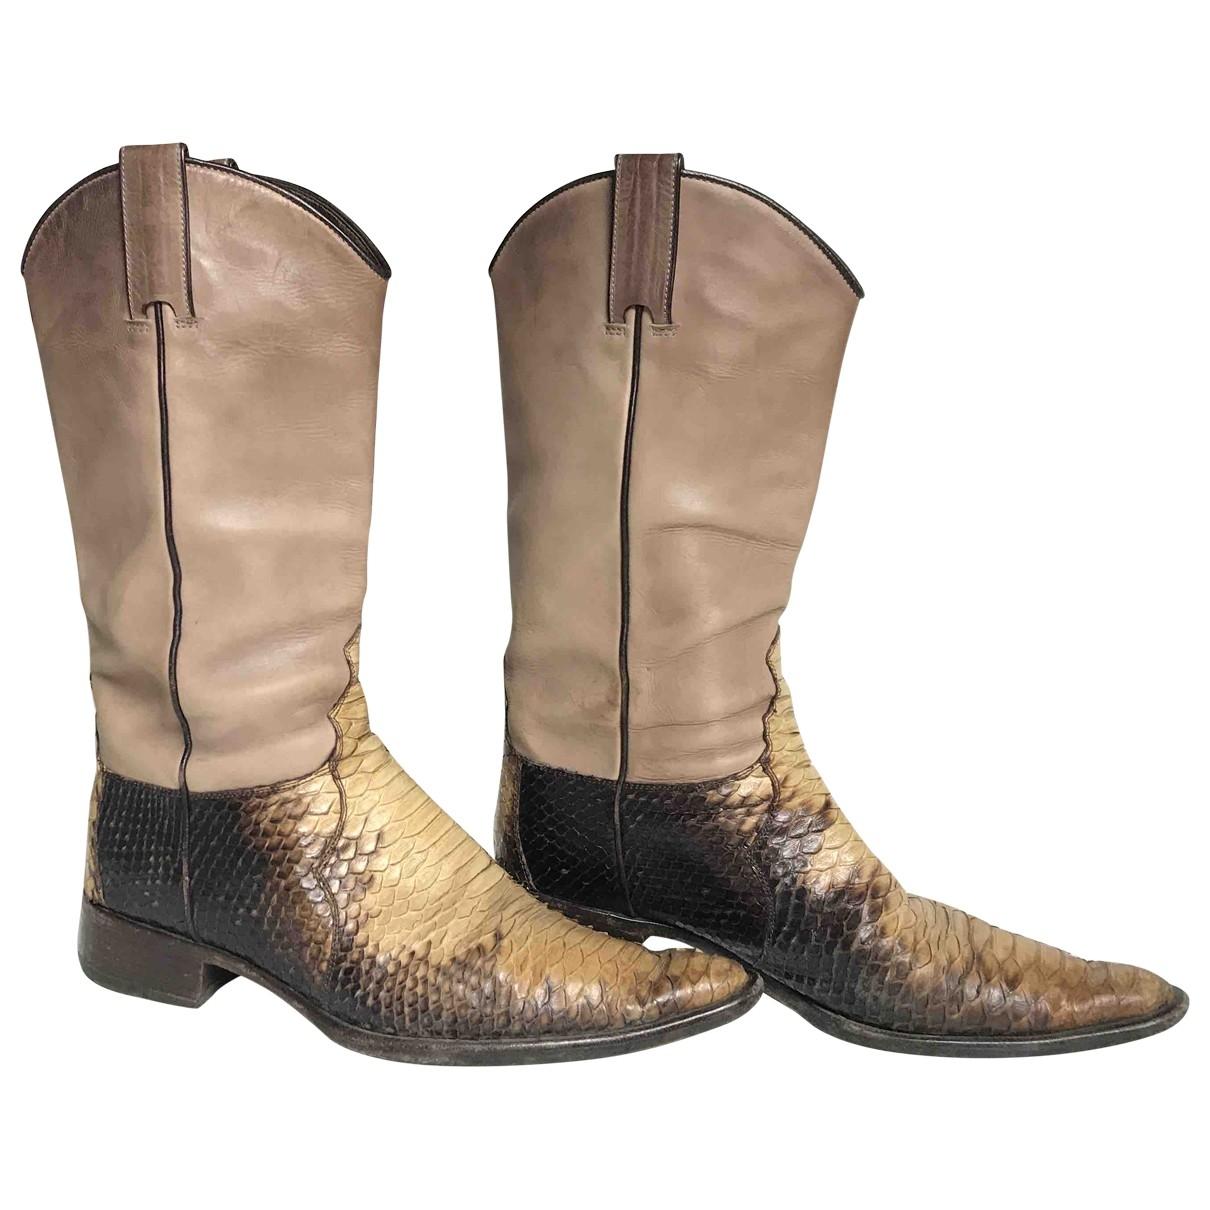 Sartore - Boots   pour femme en cuir - beige